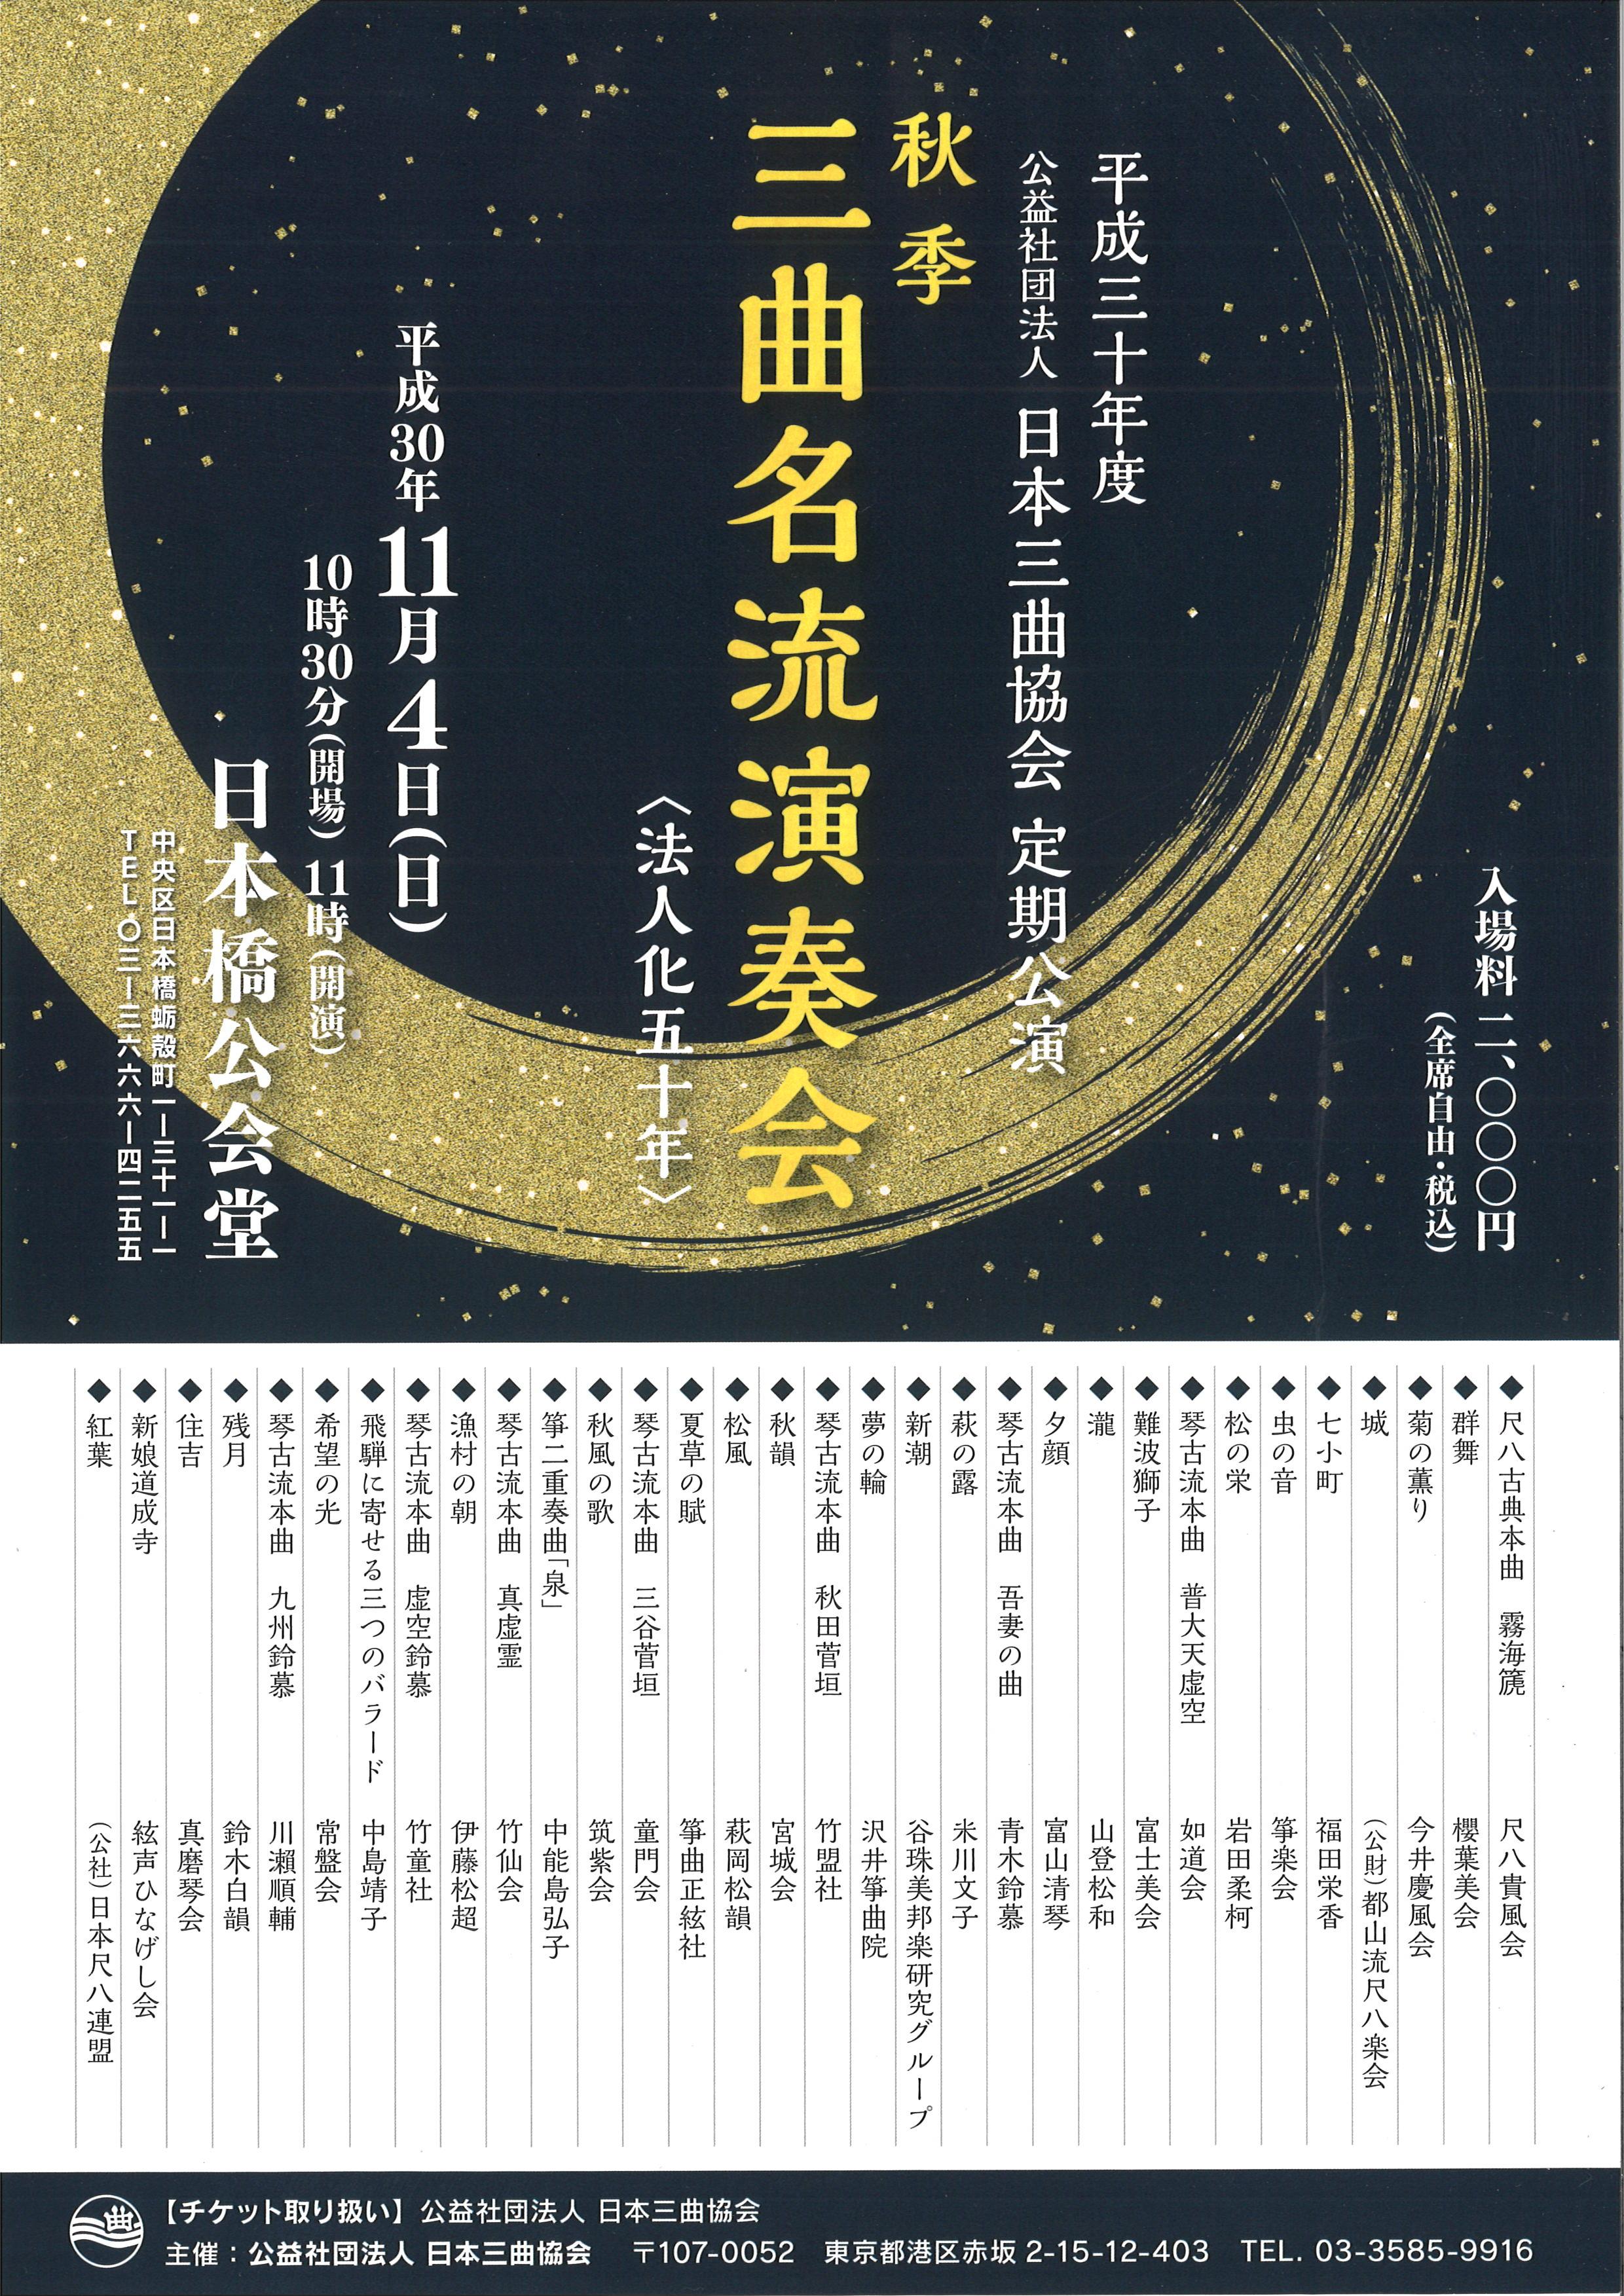 平成三十年度 公益社団法人日本三曲協会 定期公演 秋季 三曲名流演奏会